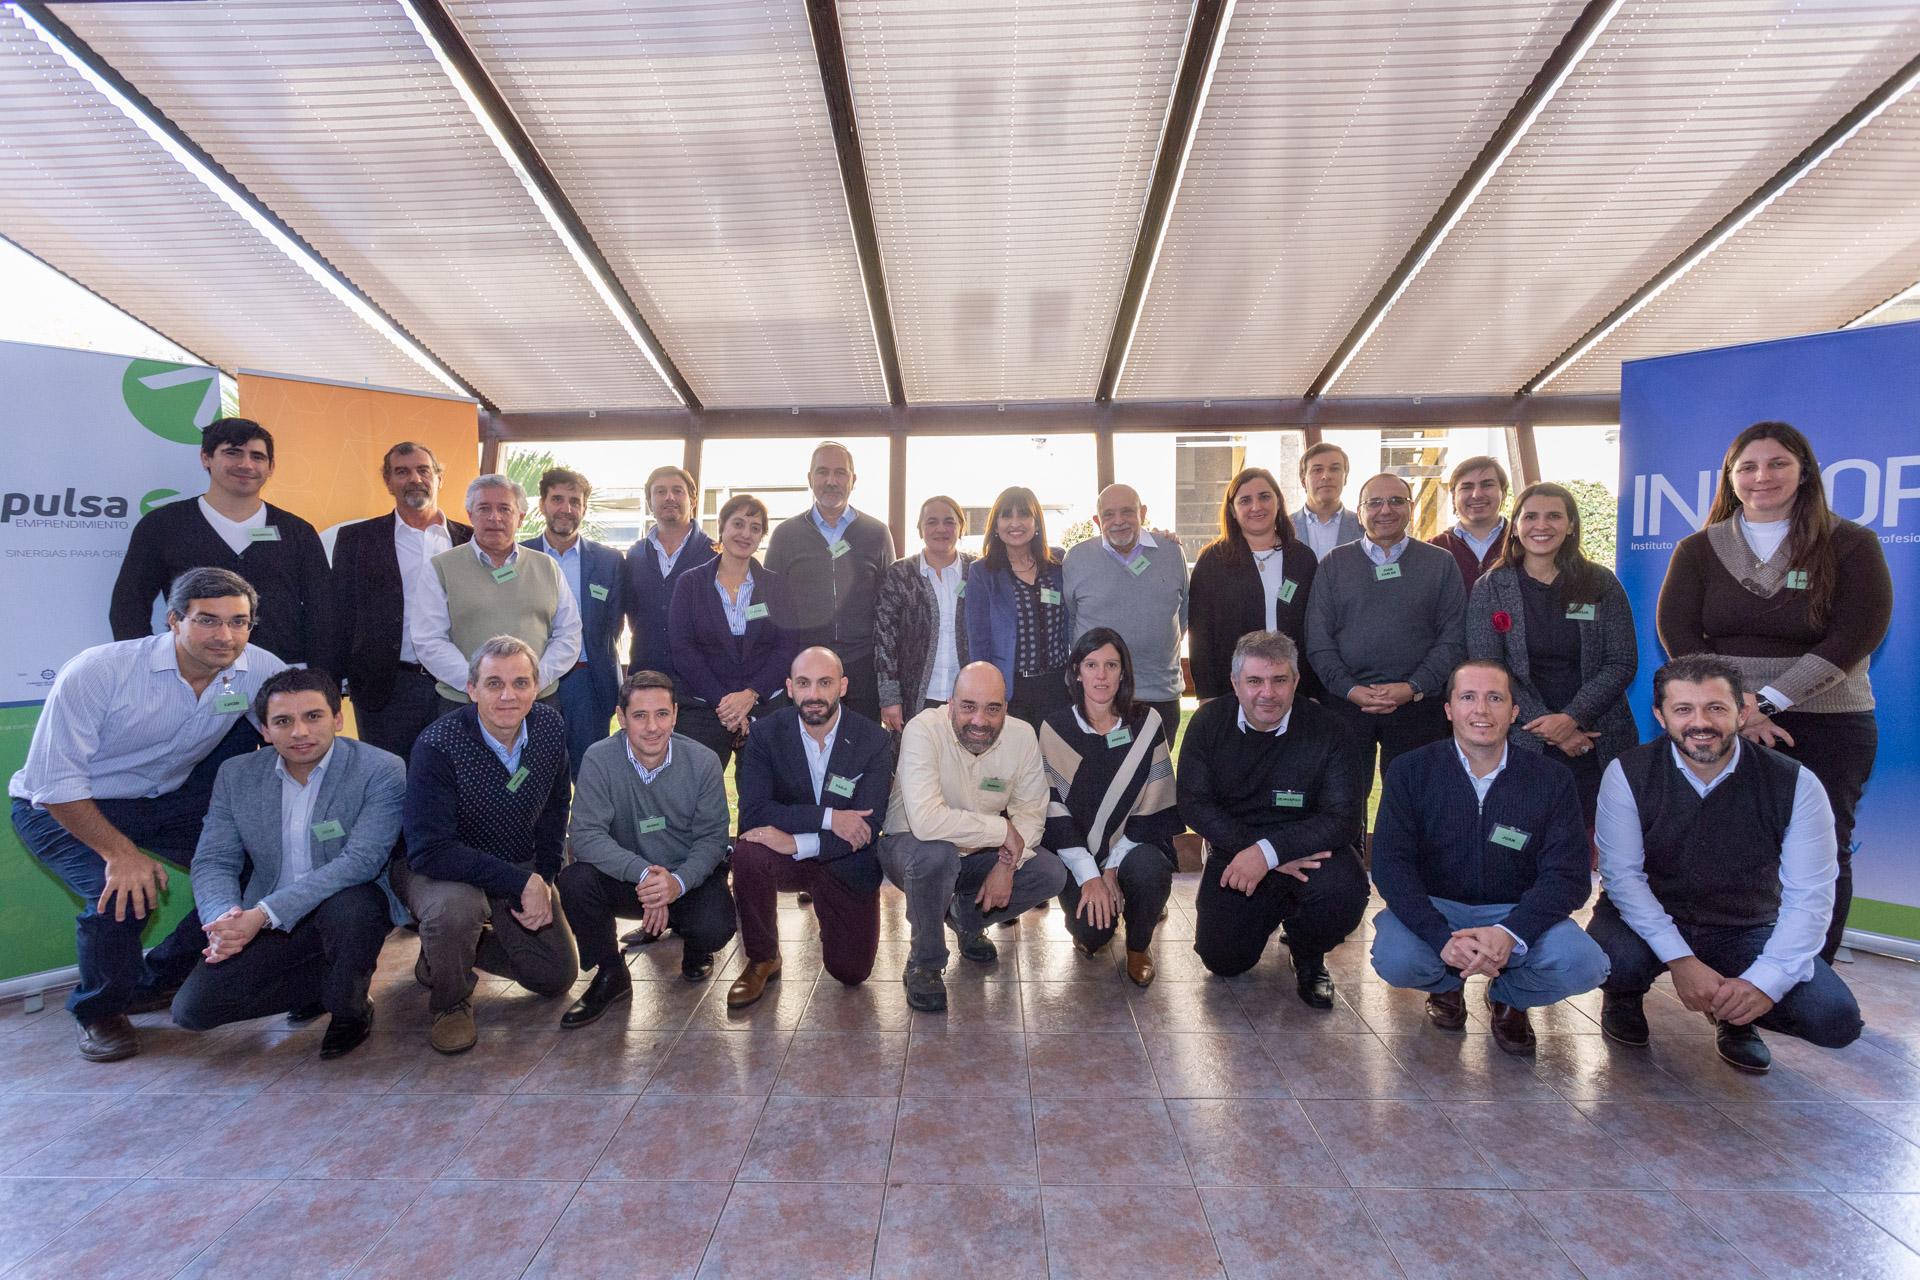 Se crea la Red de Mentores Industriales para acelerar emprendimientos y se profesionaliza su rol con apoyo de técnicos chilenos